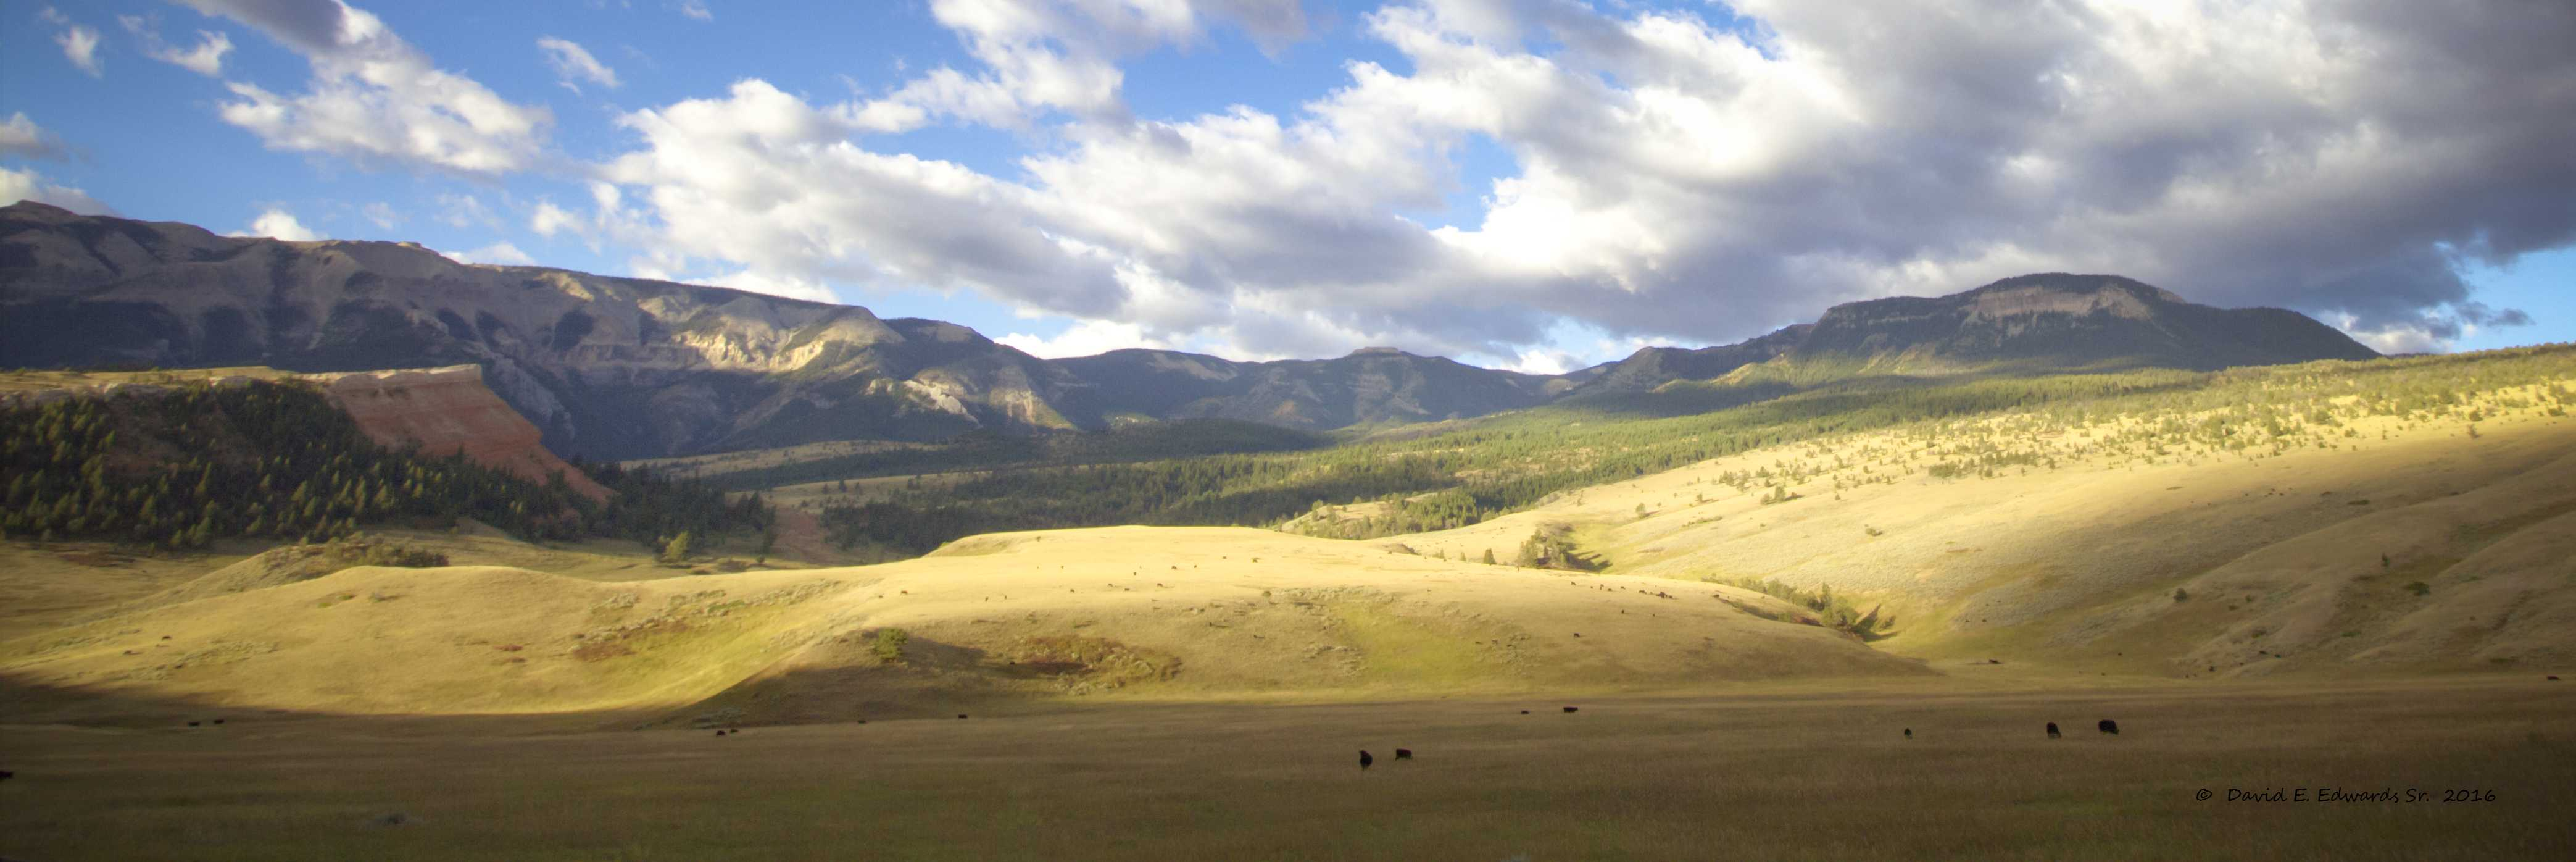 Shoshone National Park